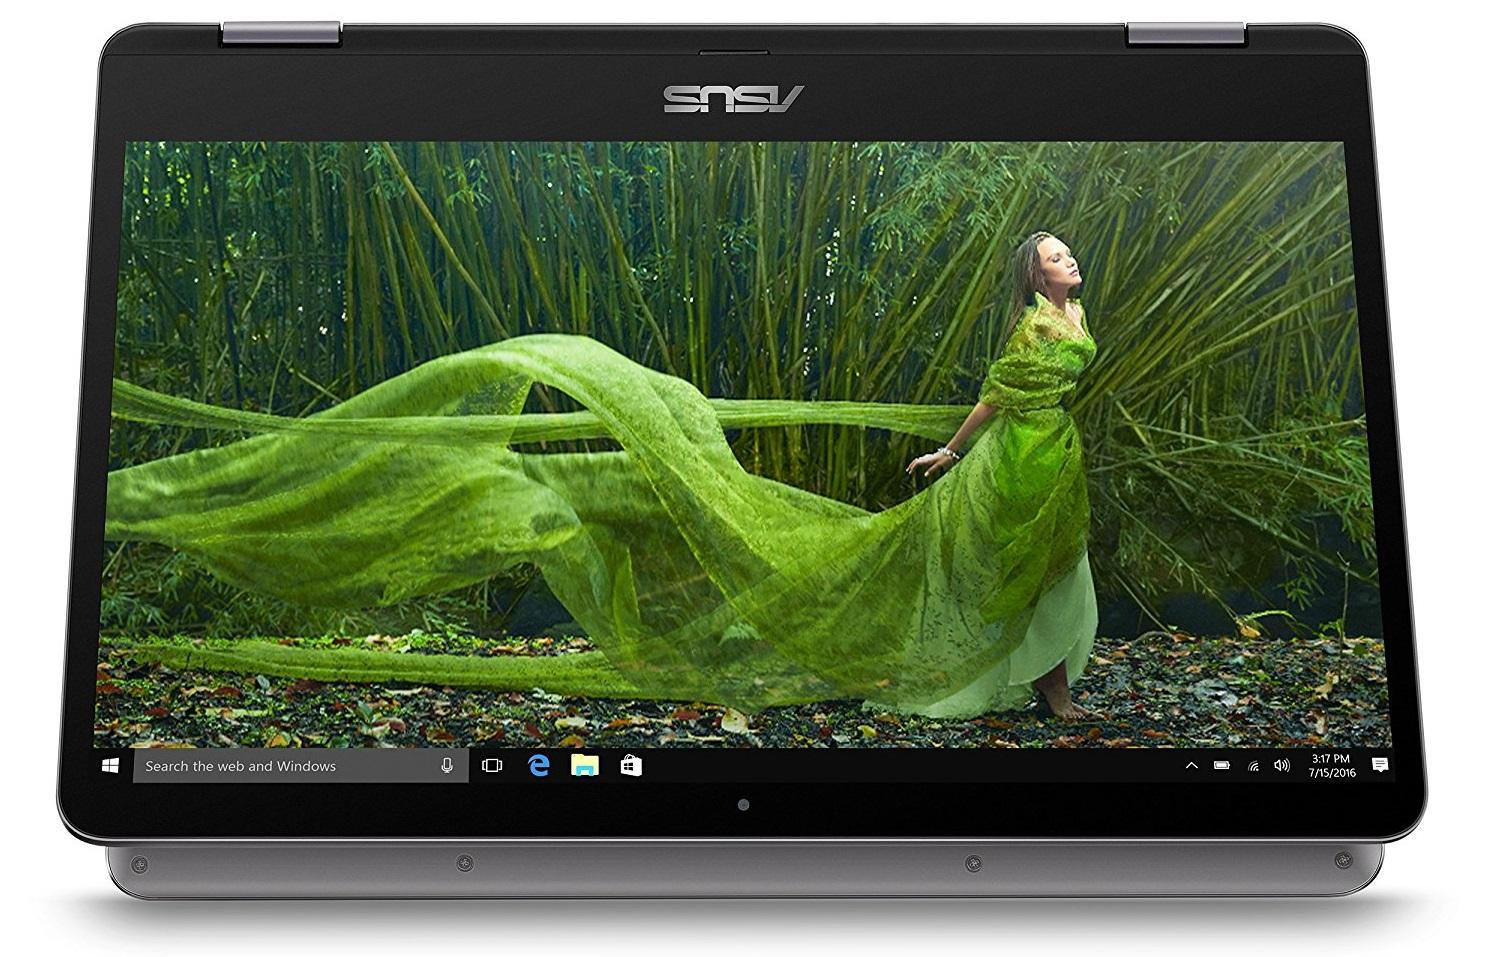 מחשב נייד Asus VivoBook Flip 14 TP401MA-BZ025TS אסוס